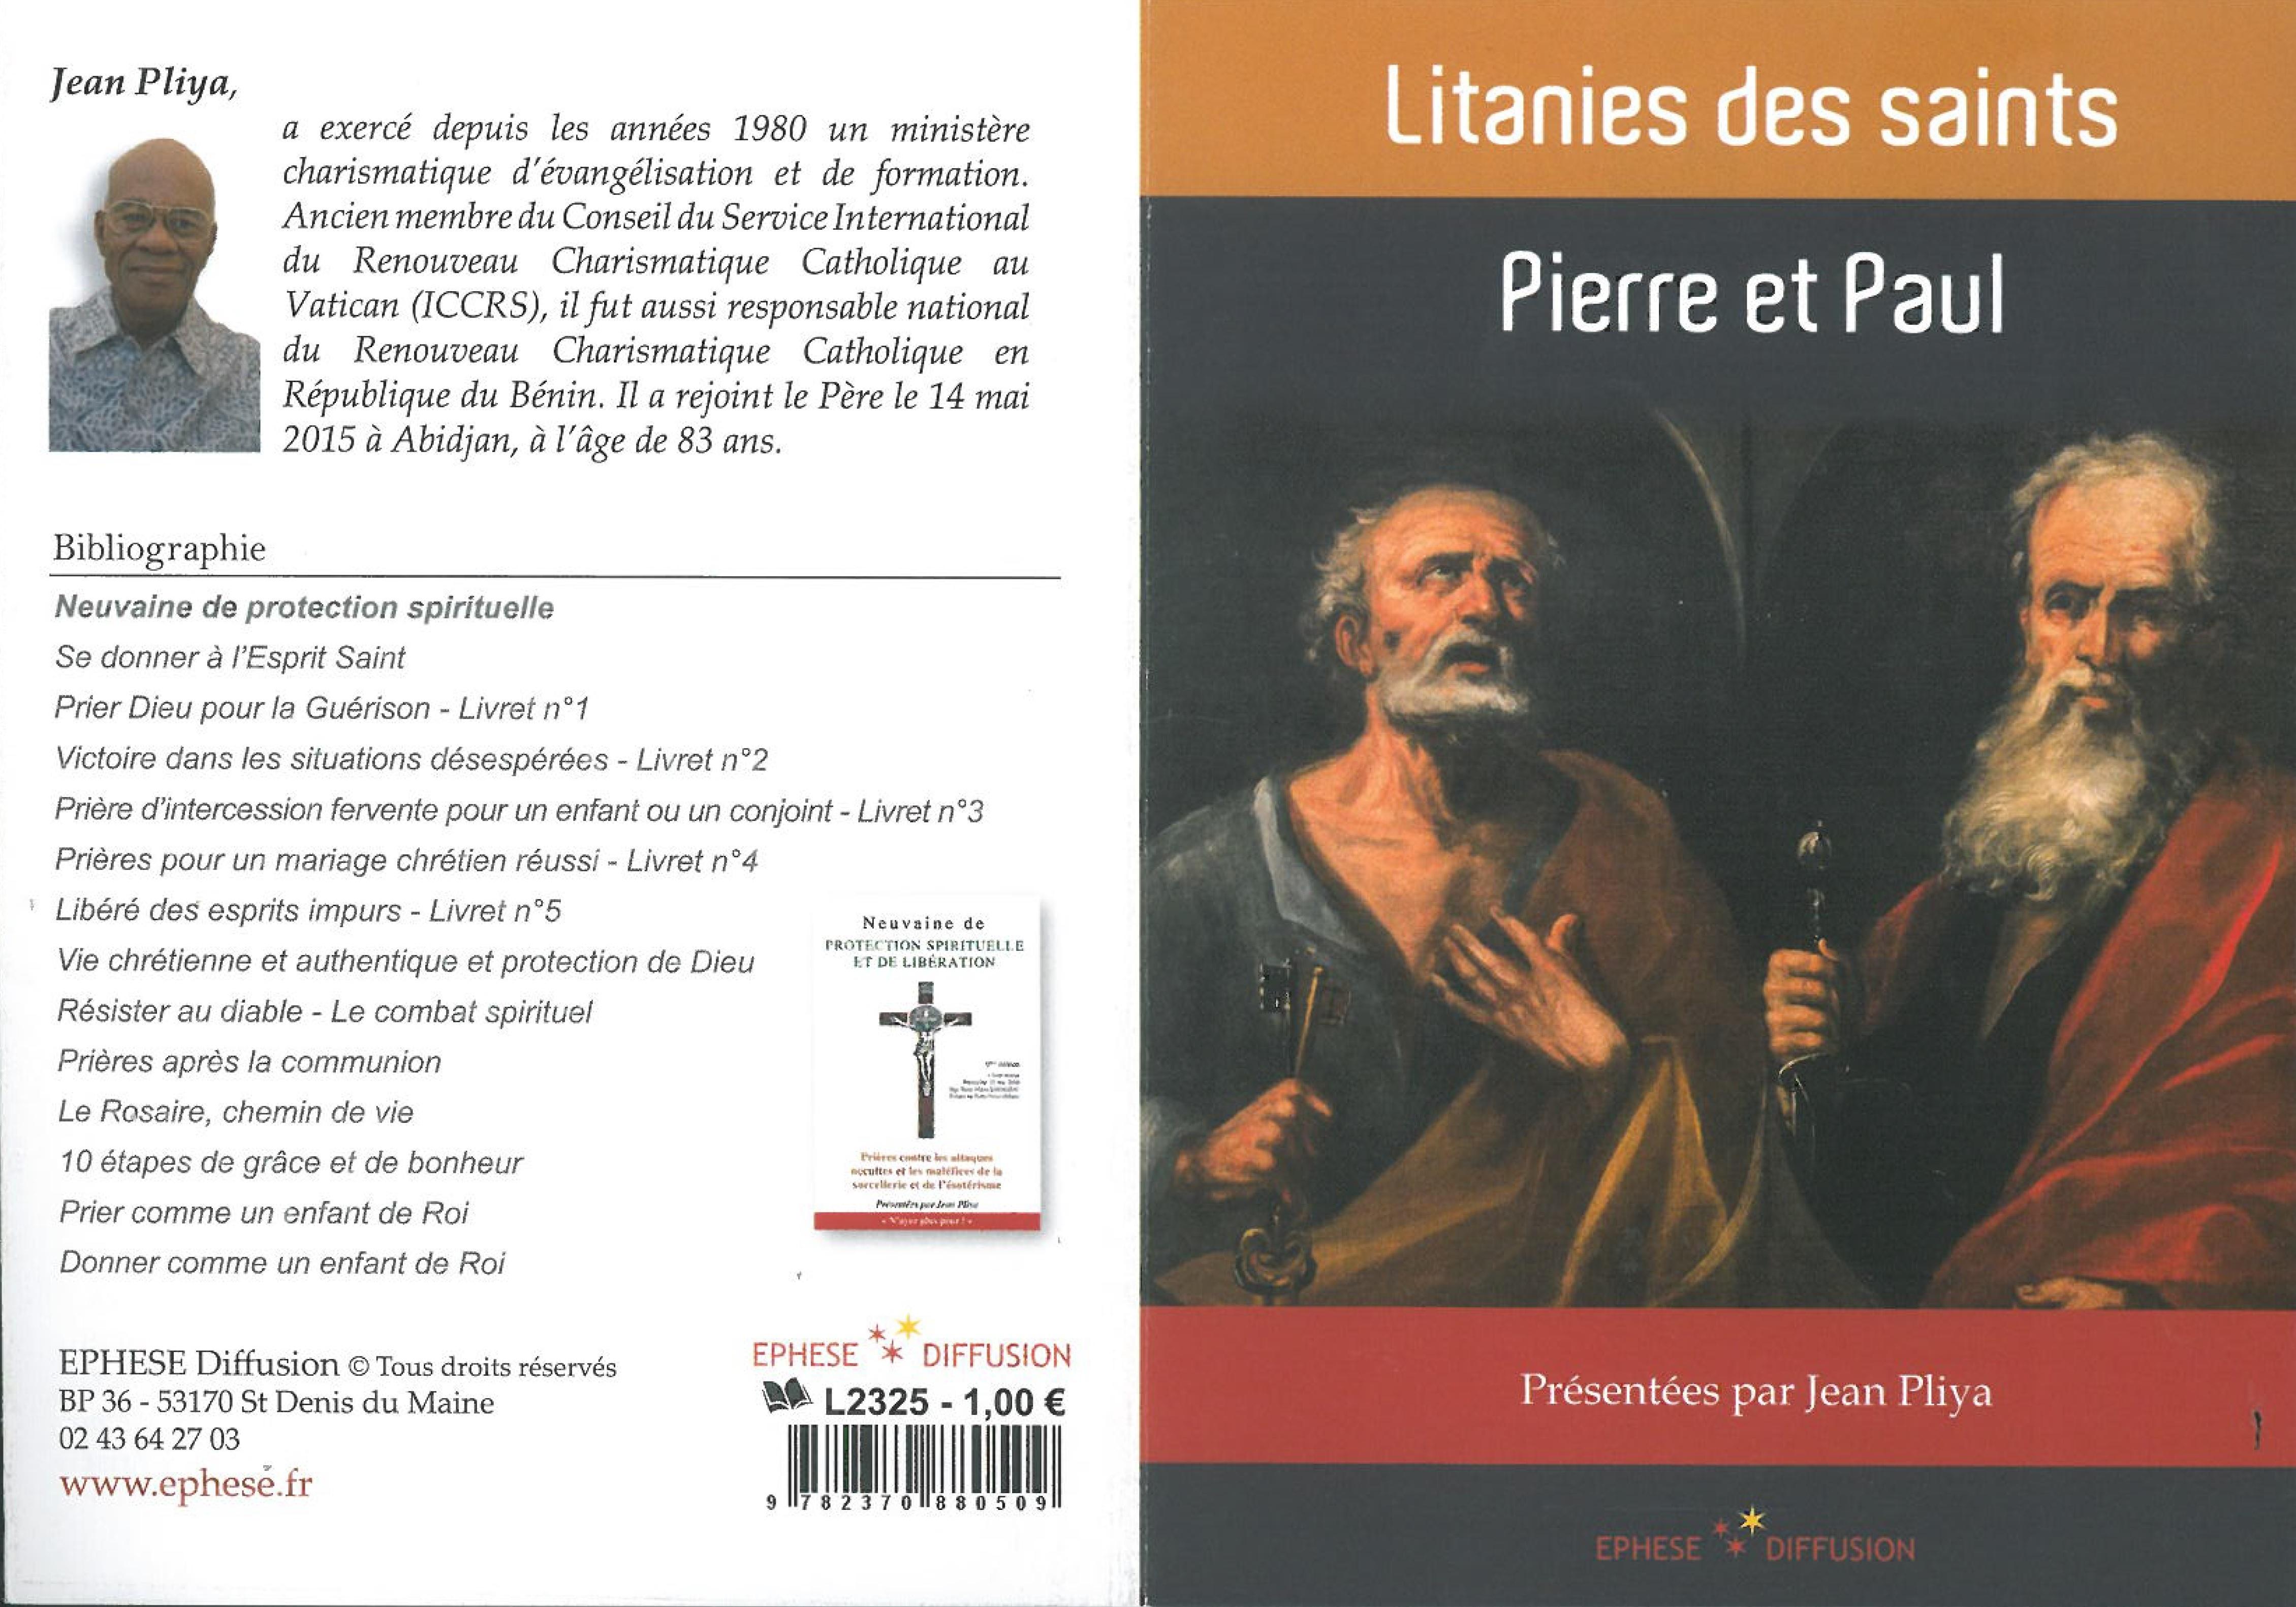 LITANIE DES SAINTS - PIERRE ET PAUL